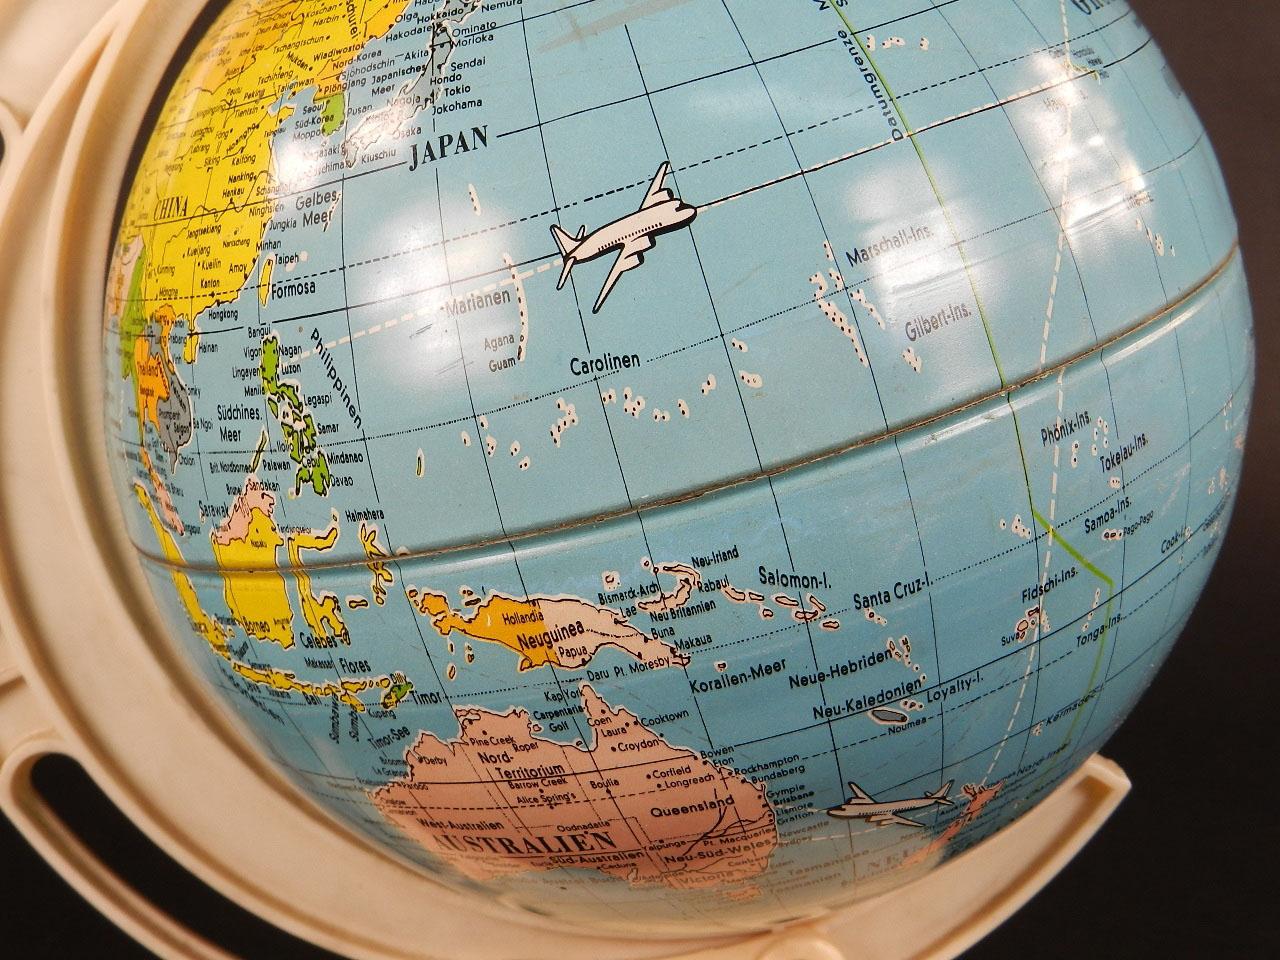 Imagen GLOBO TERRÁQUEO AÑO 1960 26051